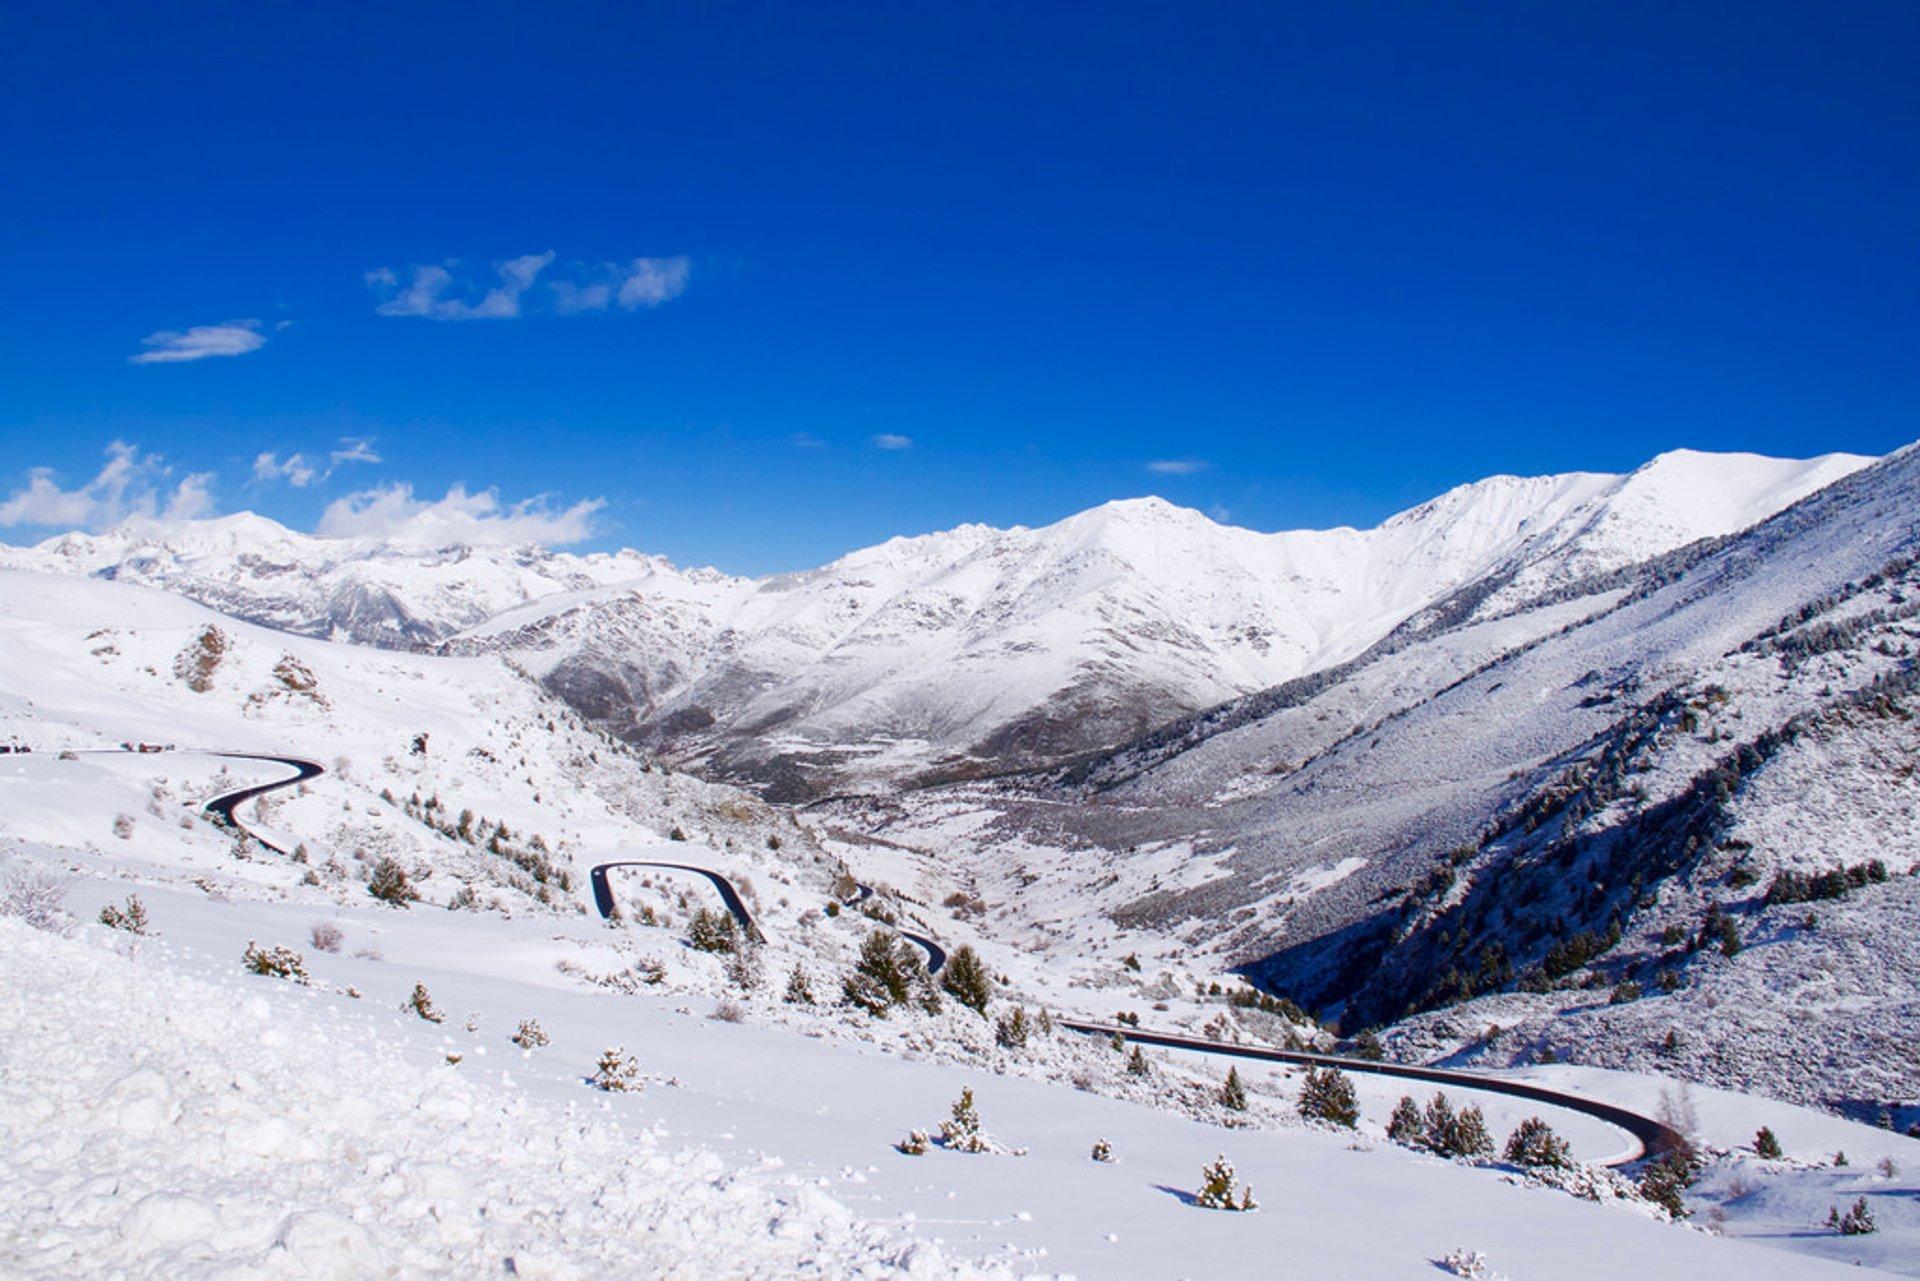 Aigüestortes National Park Winter Activities in Spain - Best Season 2020